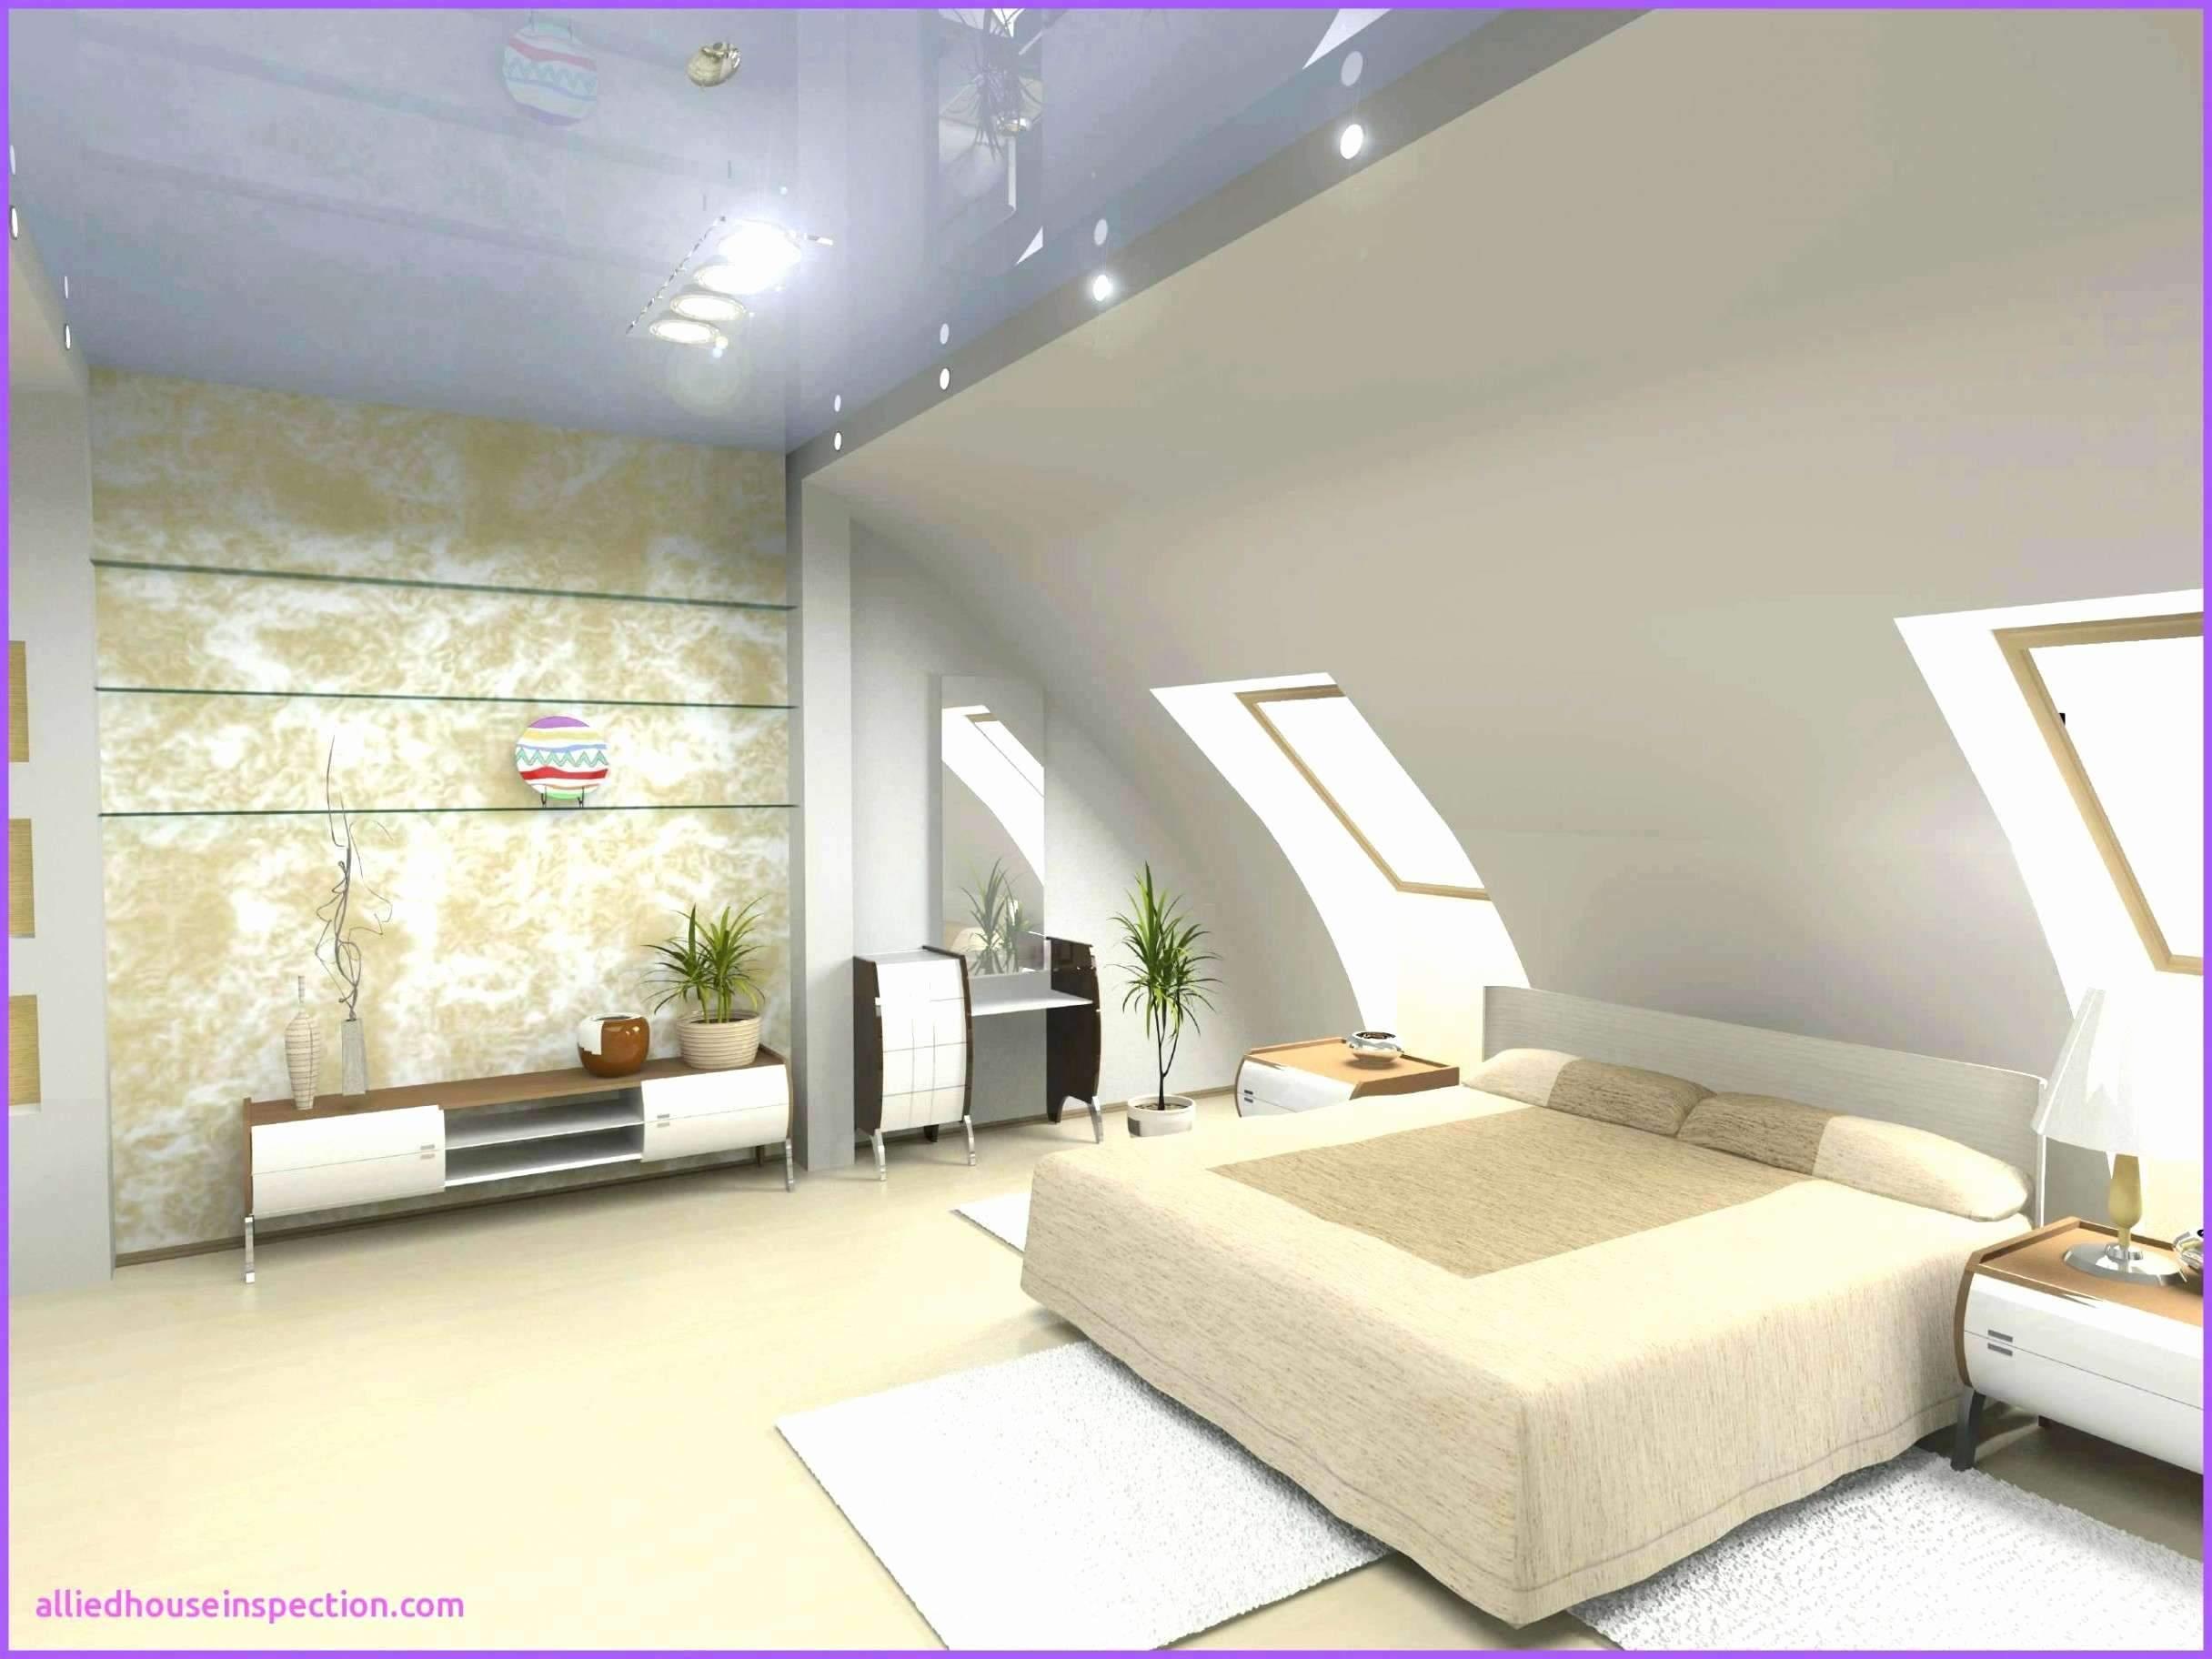 Full Size of Schöne Decken 27 Luxus Led Beleuchtung Wohnzimmer Decke Neu Frisch Deckenlampen Deckenlampe Esstisch Deckenleuchte Schlafzimmer Modern Deckenleuchten Küche Wohnzimmer Schöne Decken